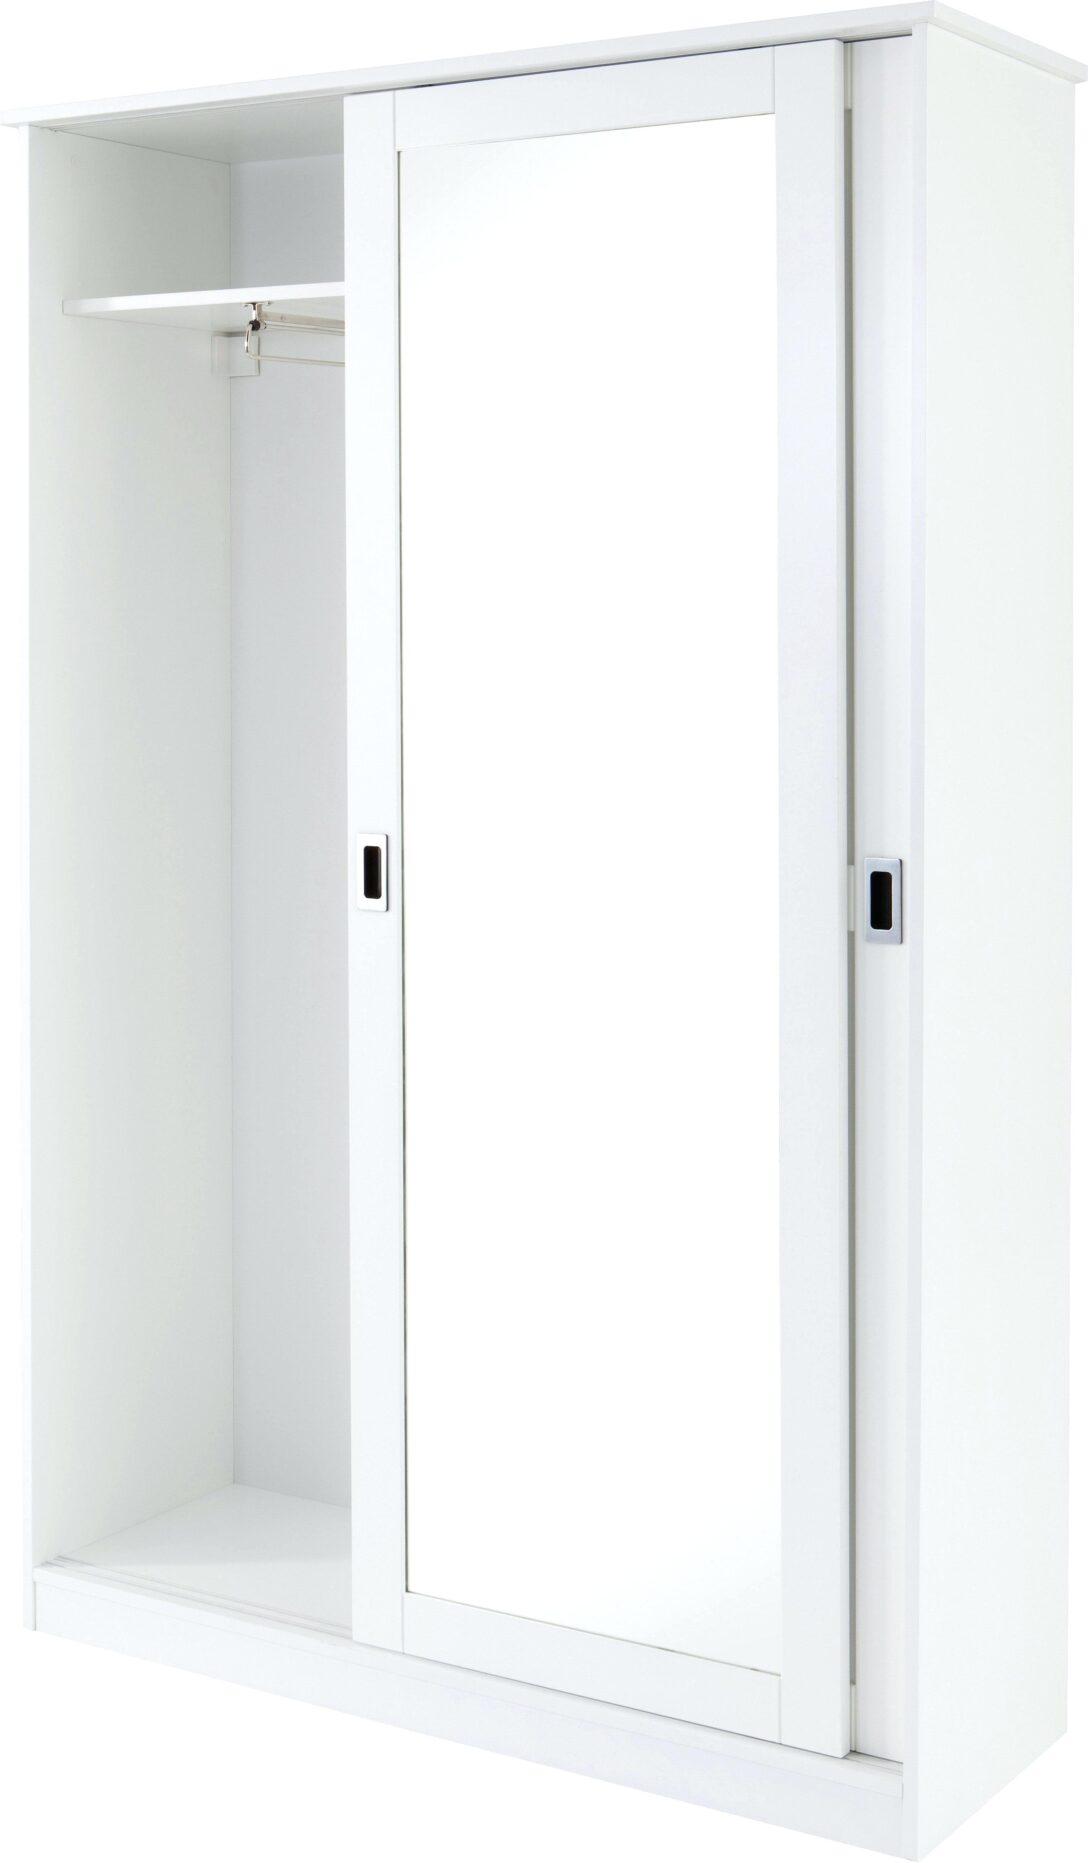 Large Size of Dielenschrank Weiß Weiss Ikea Weiße Betten Schlafzimmer Kommode Big Sofa Bett 160x200 Küche Hochglanz 140x200 Regal Metall Hängeschrank Wohnzimmer Mit Wohnzimmer Dielenschrank Weiß